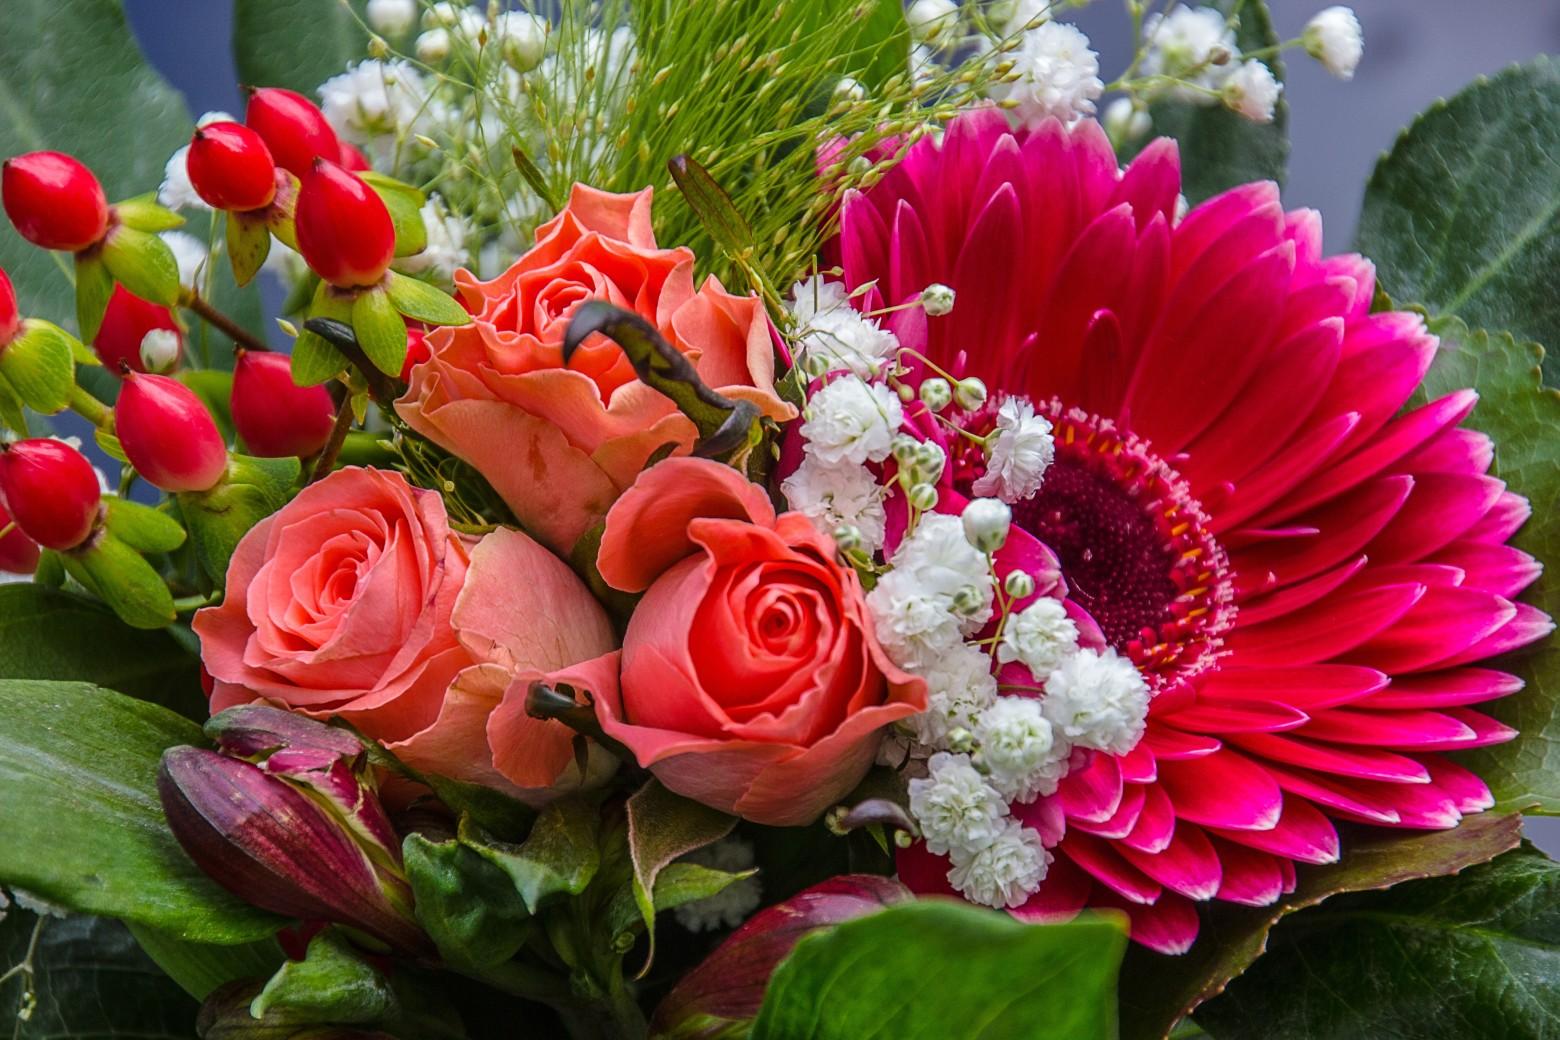 Bouquets de fleurs images gratuites - l'atelier des fleurs